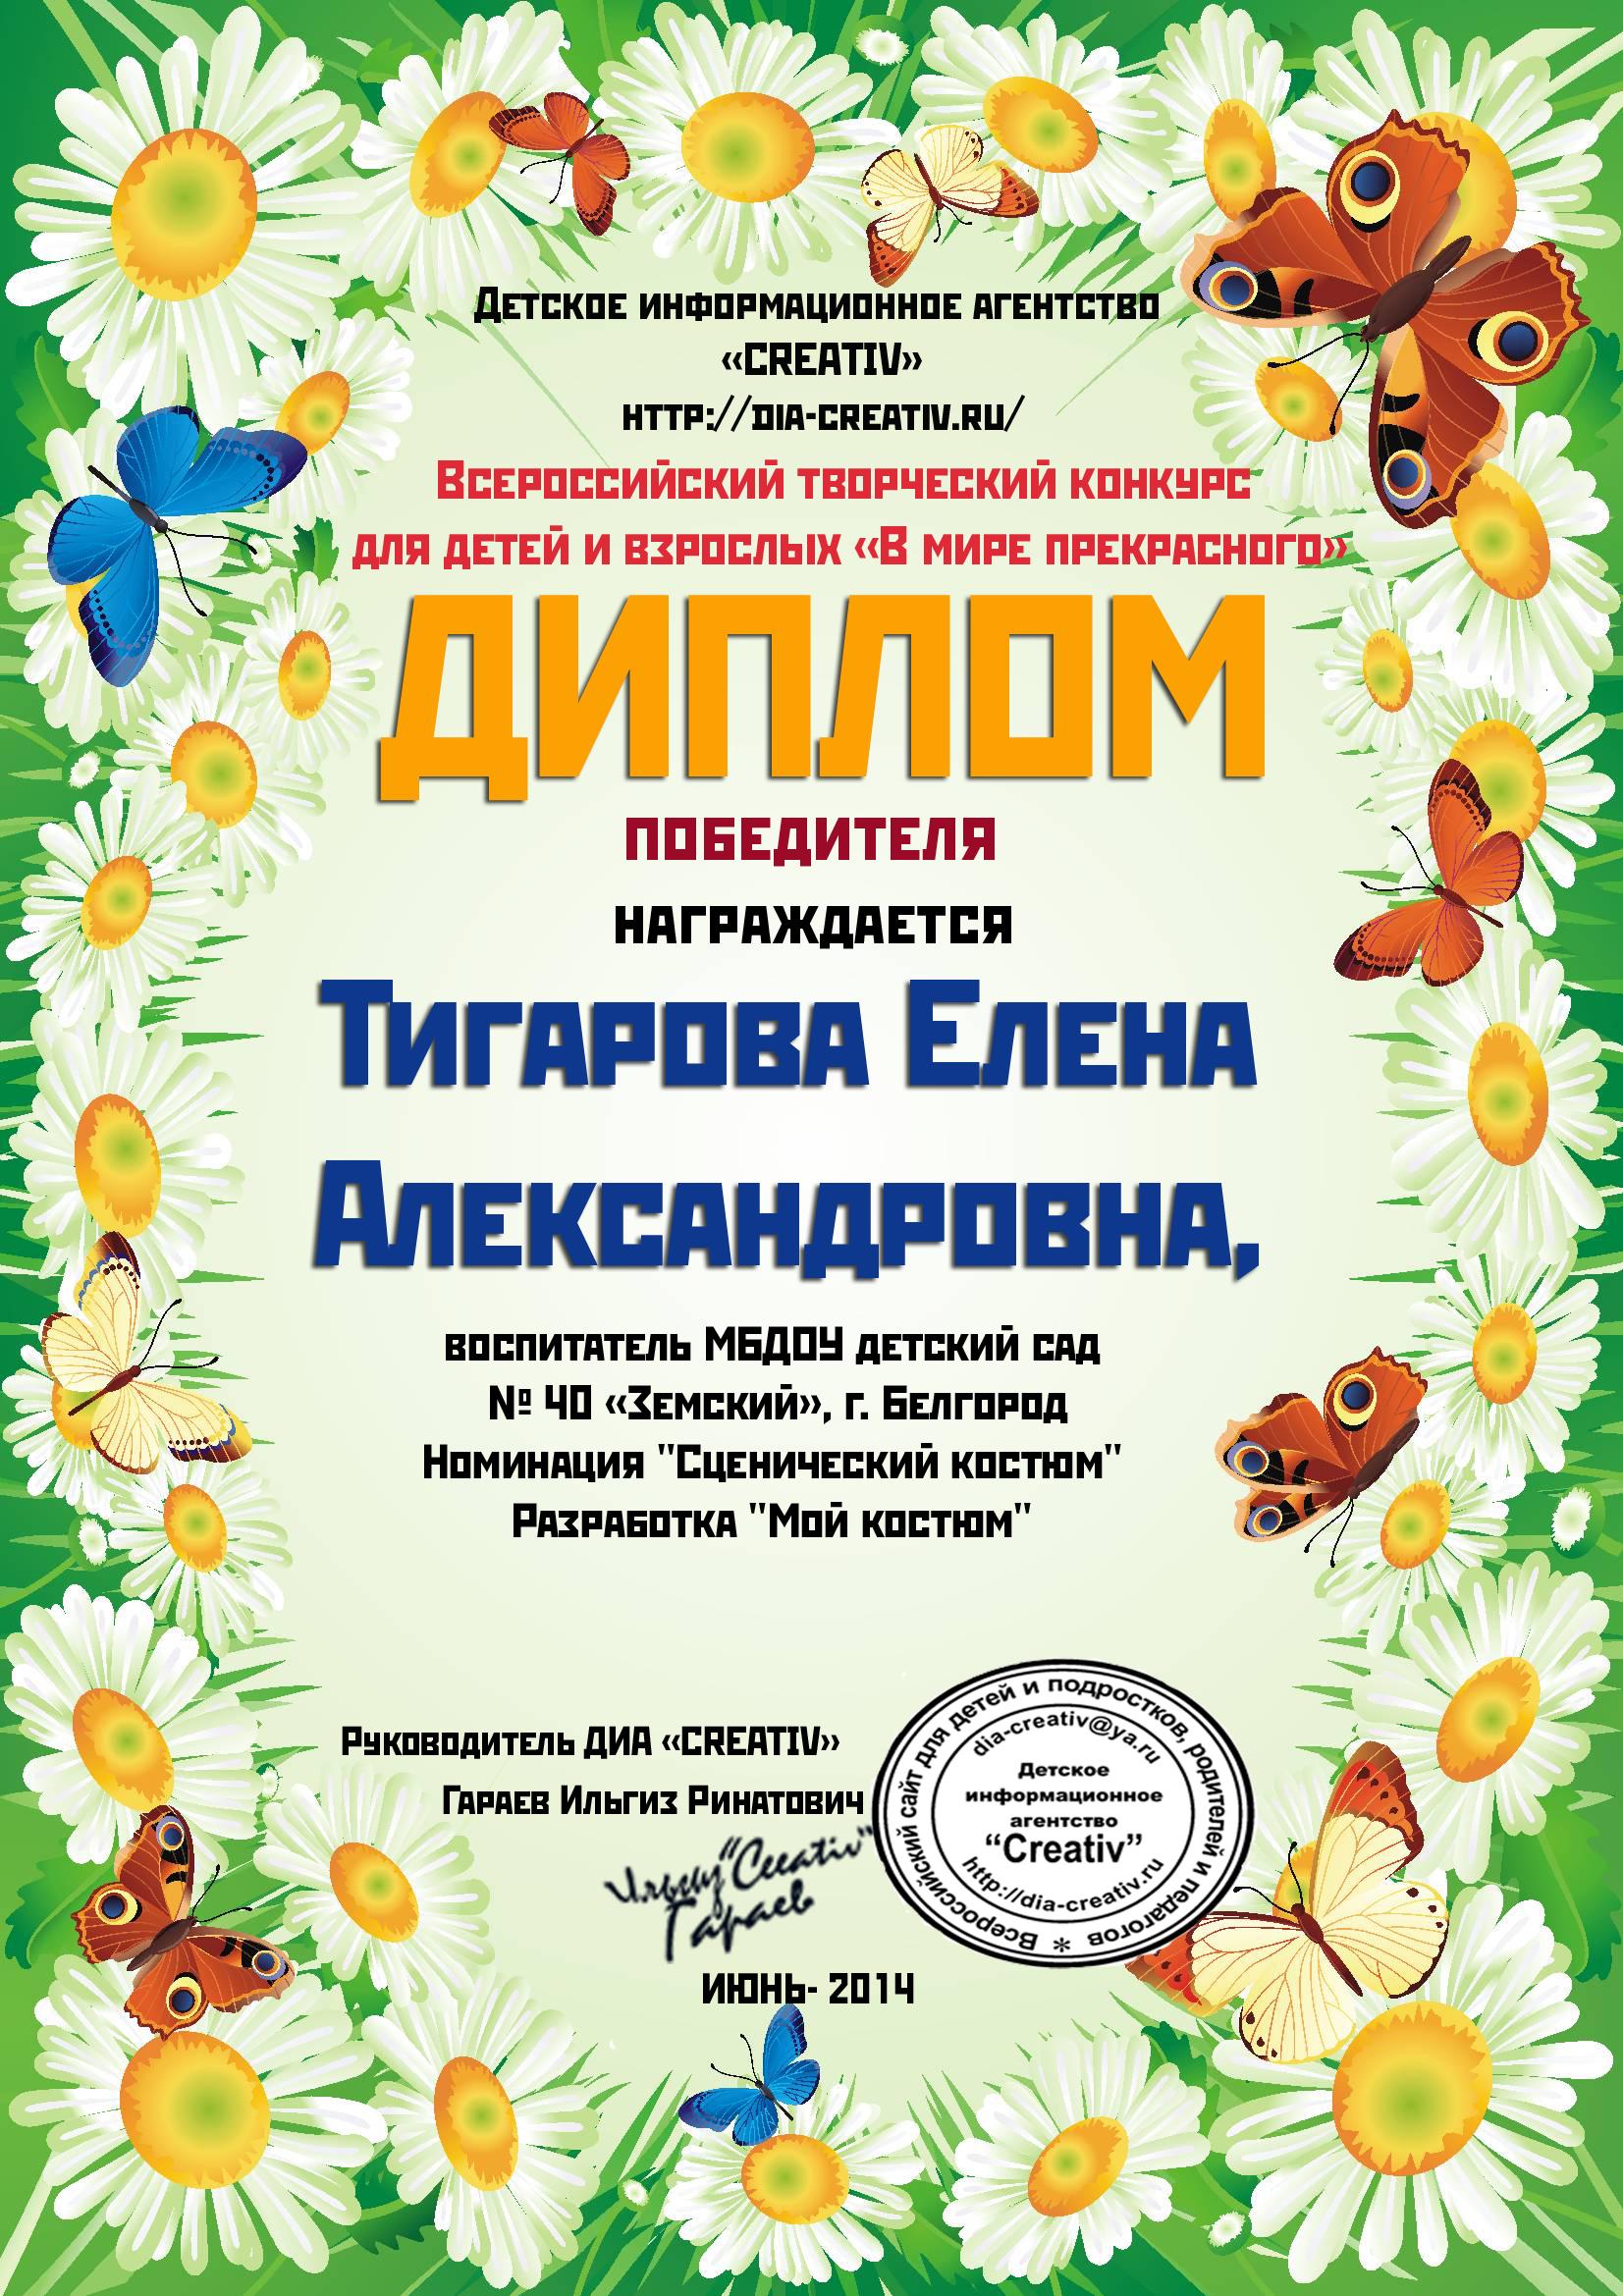 Всероссийский конкурс бесплатный для детей